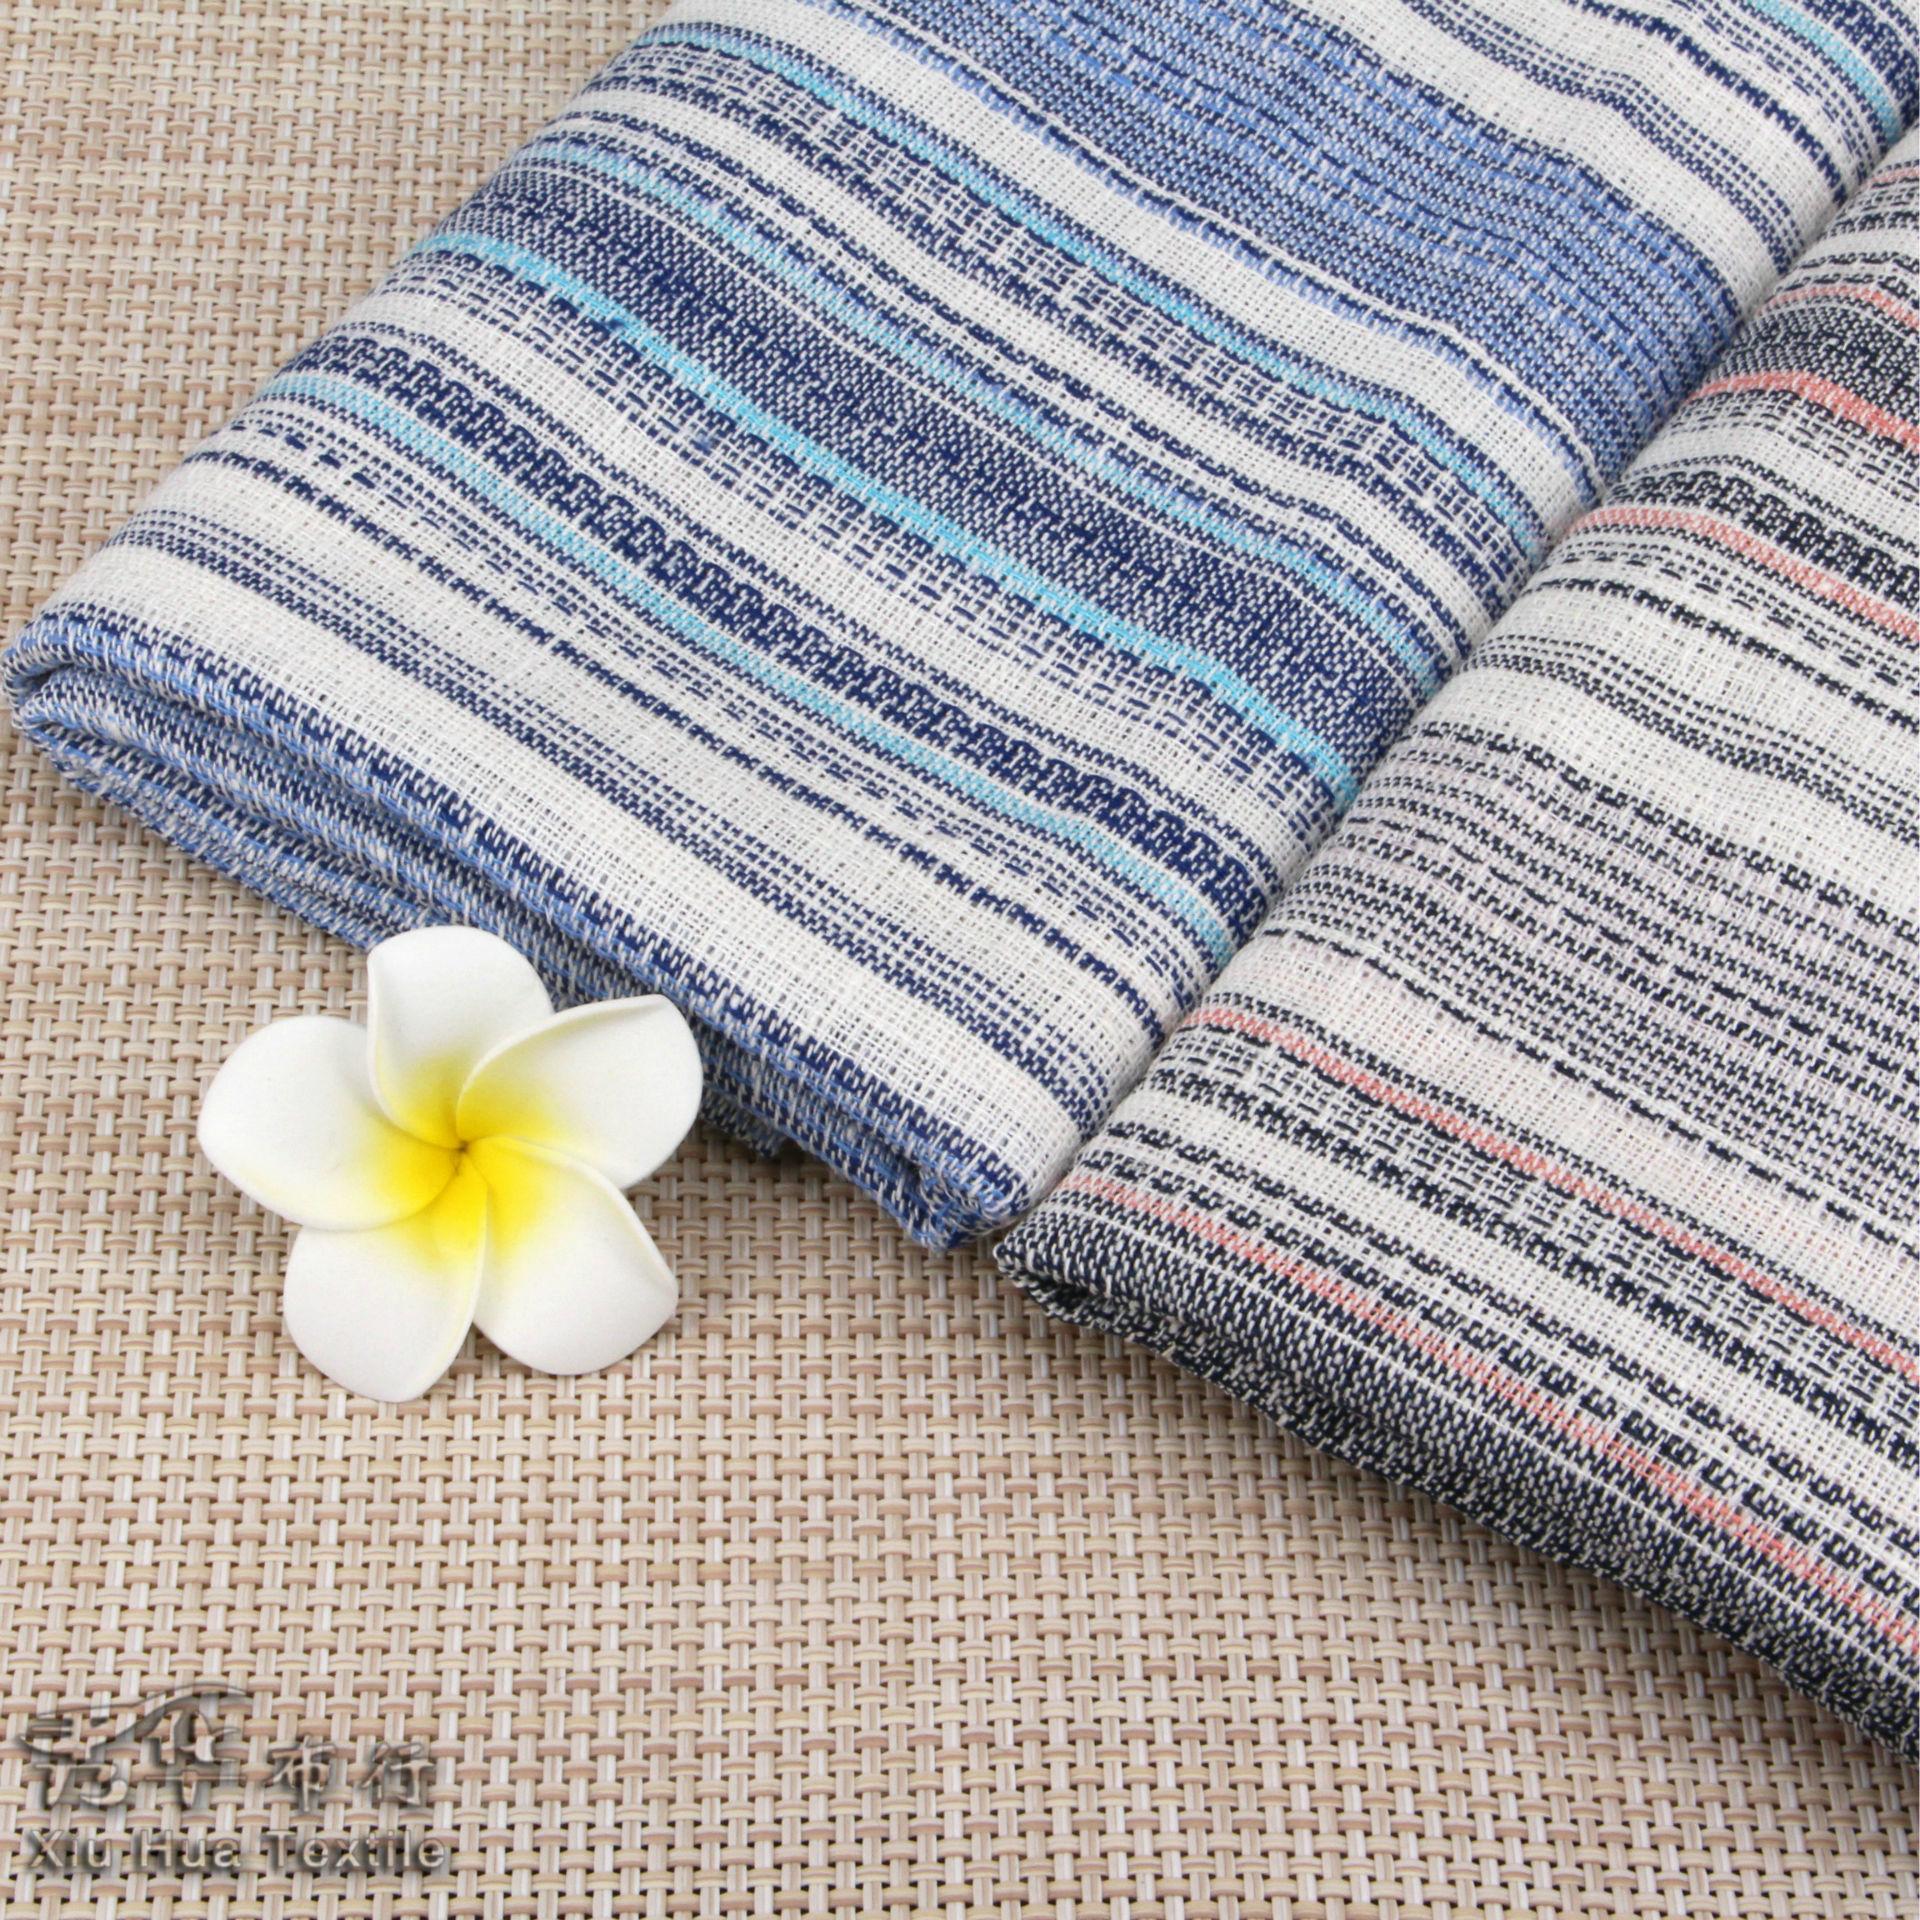 Vải Cotton pha Vải cotton và vải lanh pha trộn Vải cotton châu Á và dải vải lanh Sợi dệt bằng vải dệ